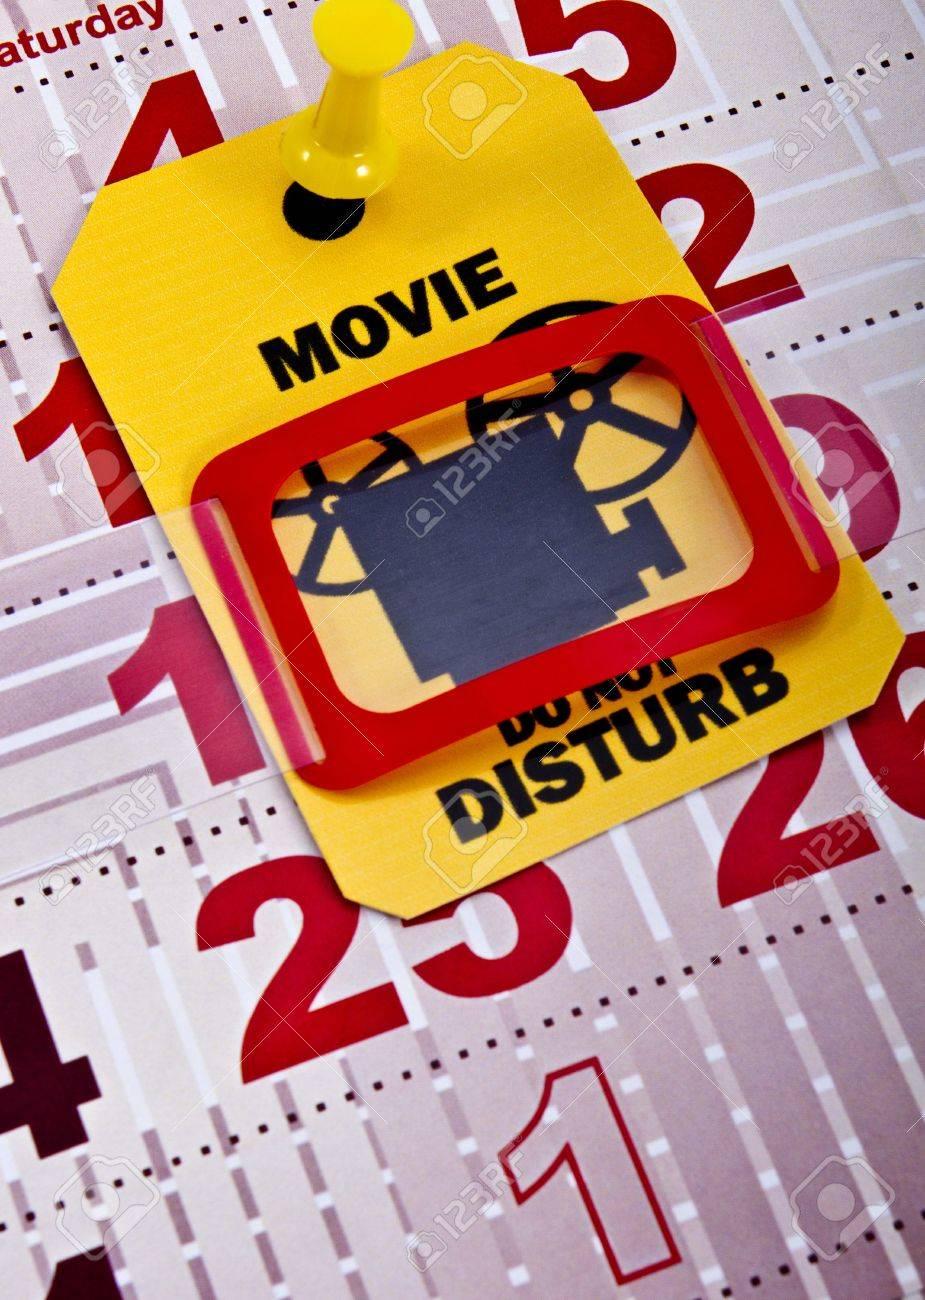 Bitte Nicht Stören, Wenn Film Läuft Oder Sie Kinobesuch Geplant Am ...